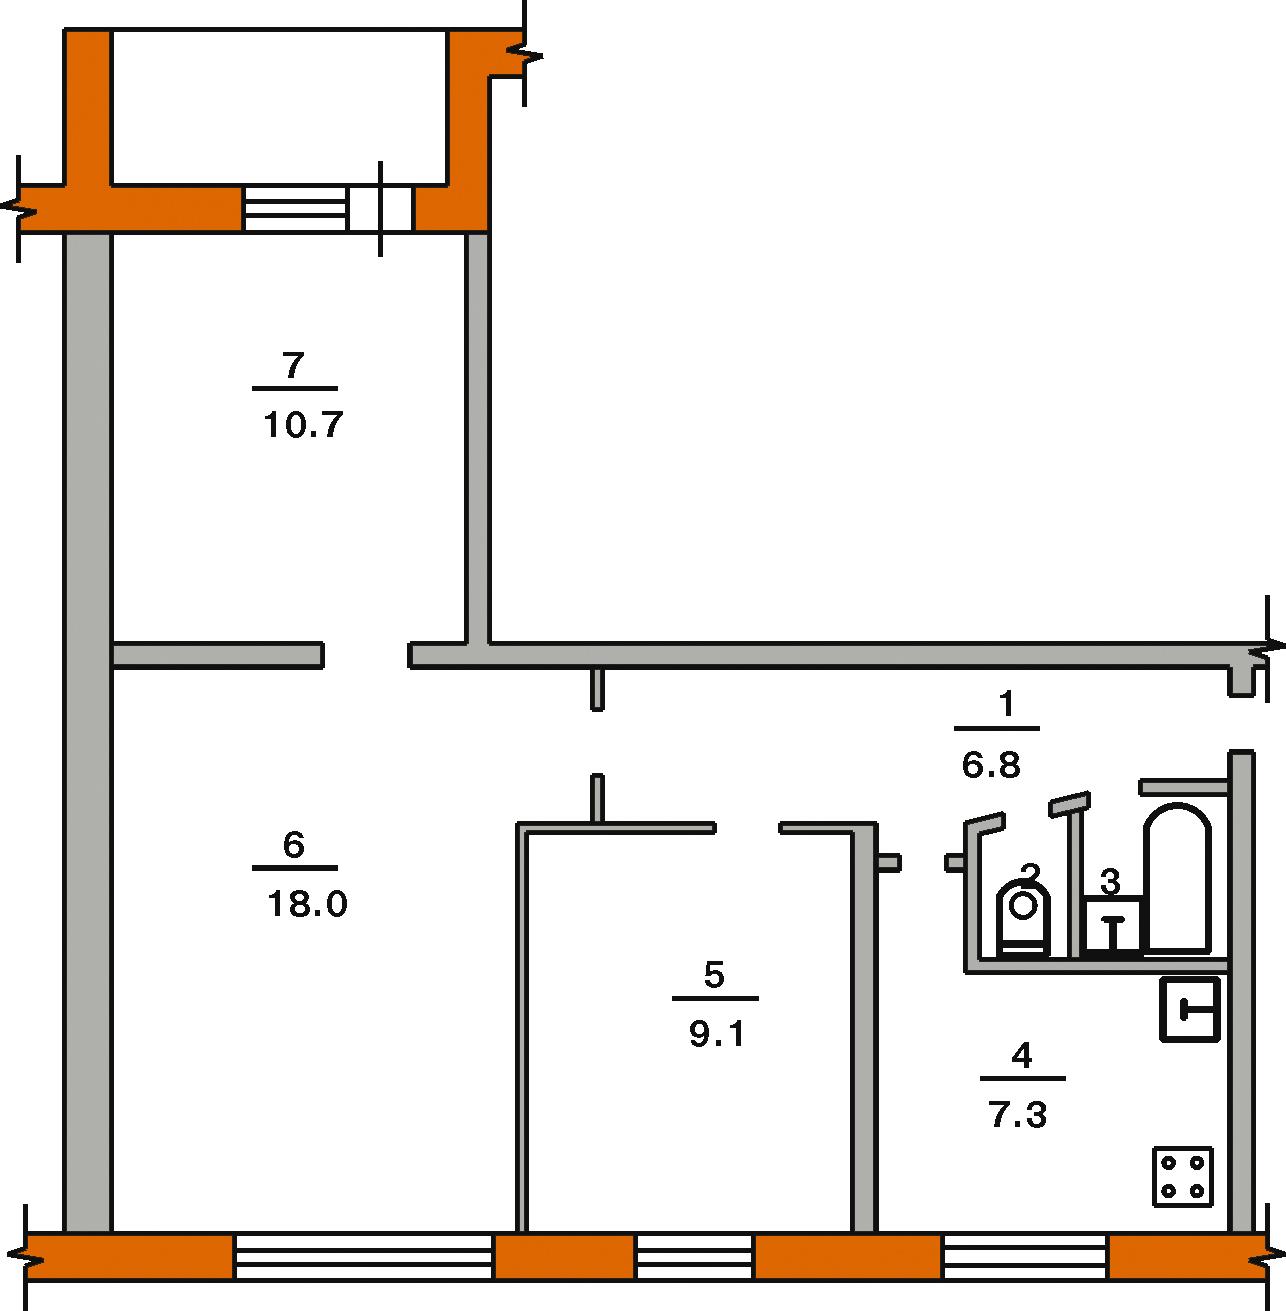 Продам 3к квартиру, пушкинская 373 : квартиры, комнаты, студ.